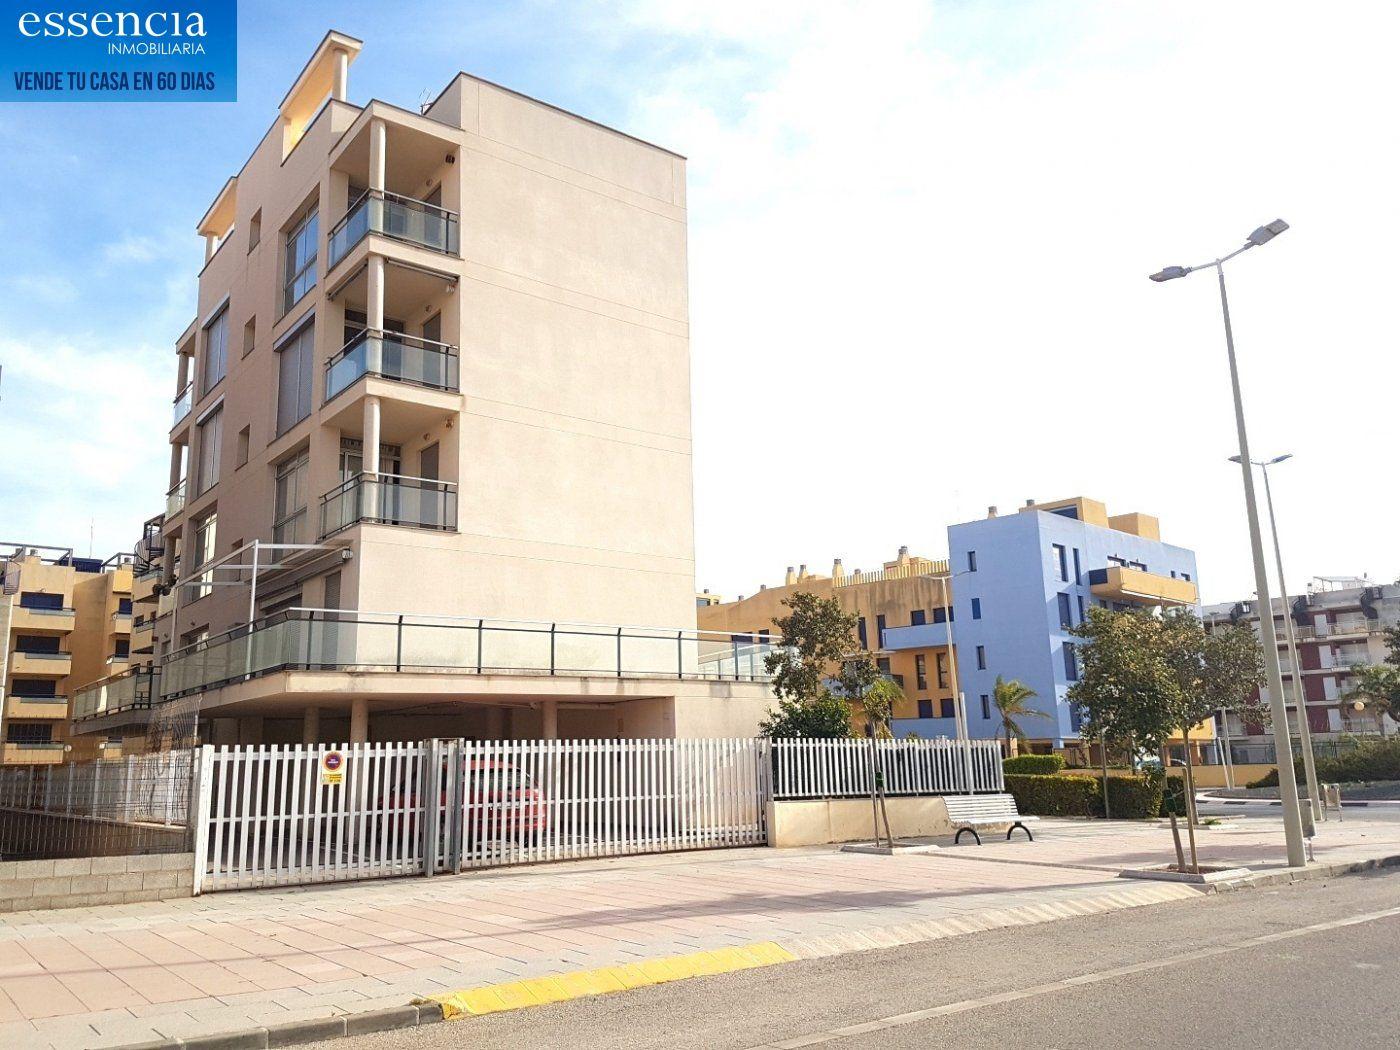 Apartamento con vistas al mar en playa de bellreguard.  garaje y piscina. - imagenInmueble34